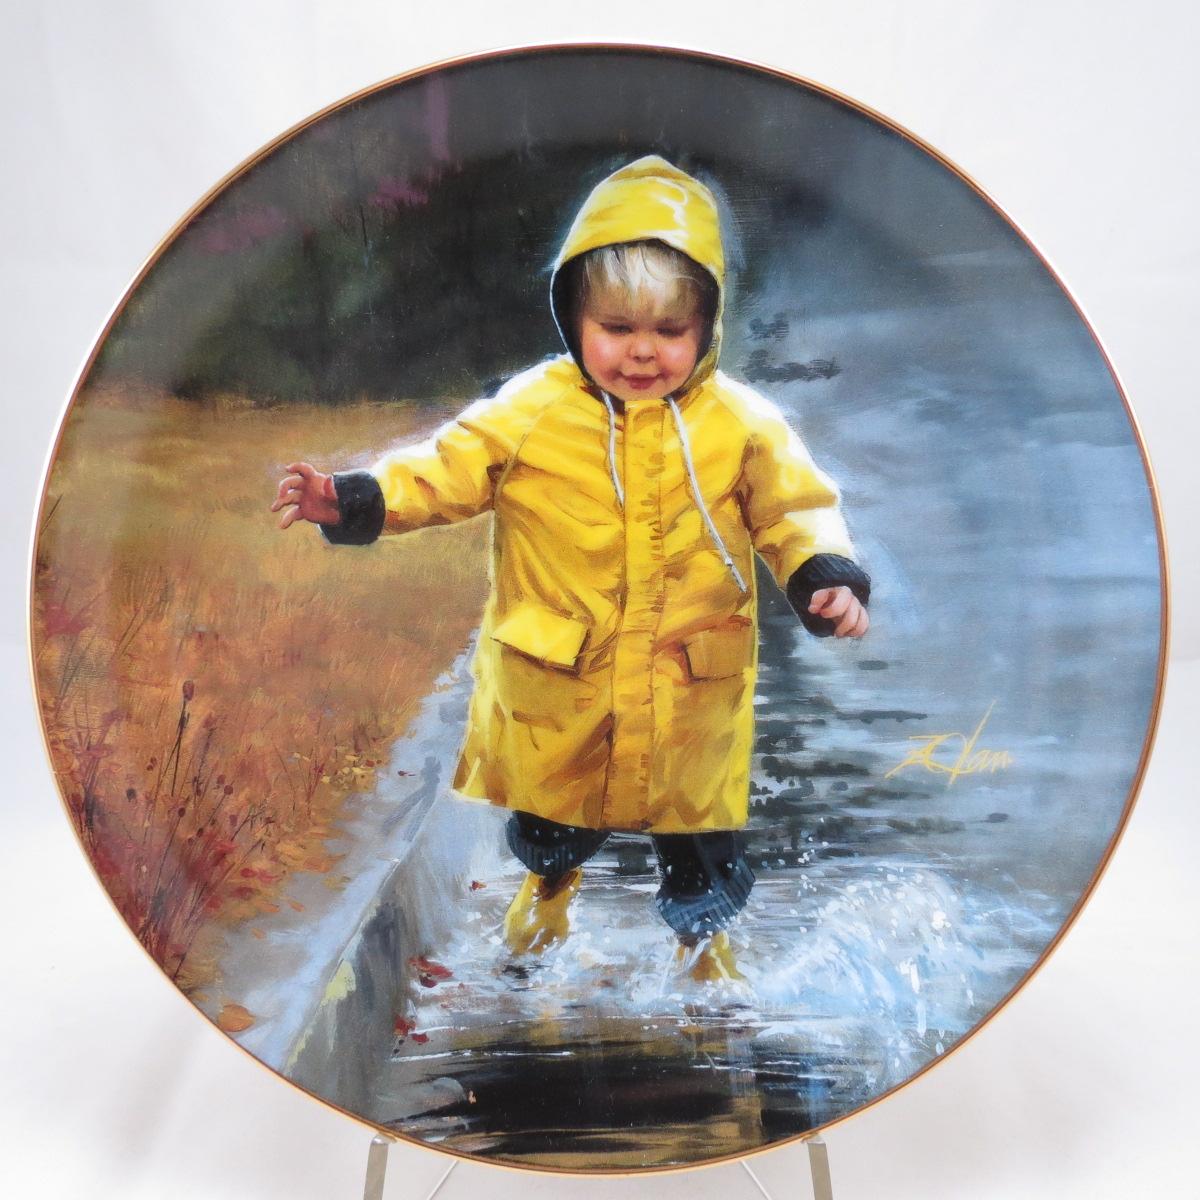 """Декоративная коллекционная тарелка """"Чудеса Детства: Маленький любитель поплескаться"""". Фарфор, деколь, золочение, США, Дональд Золан, Danbury Mint, 1999"""